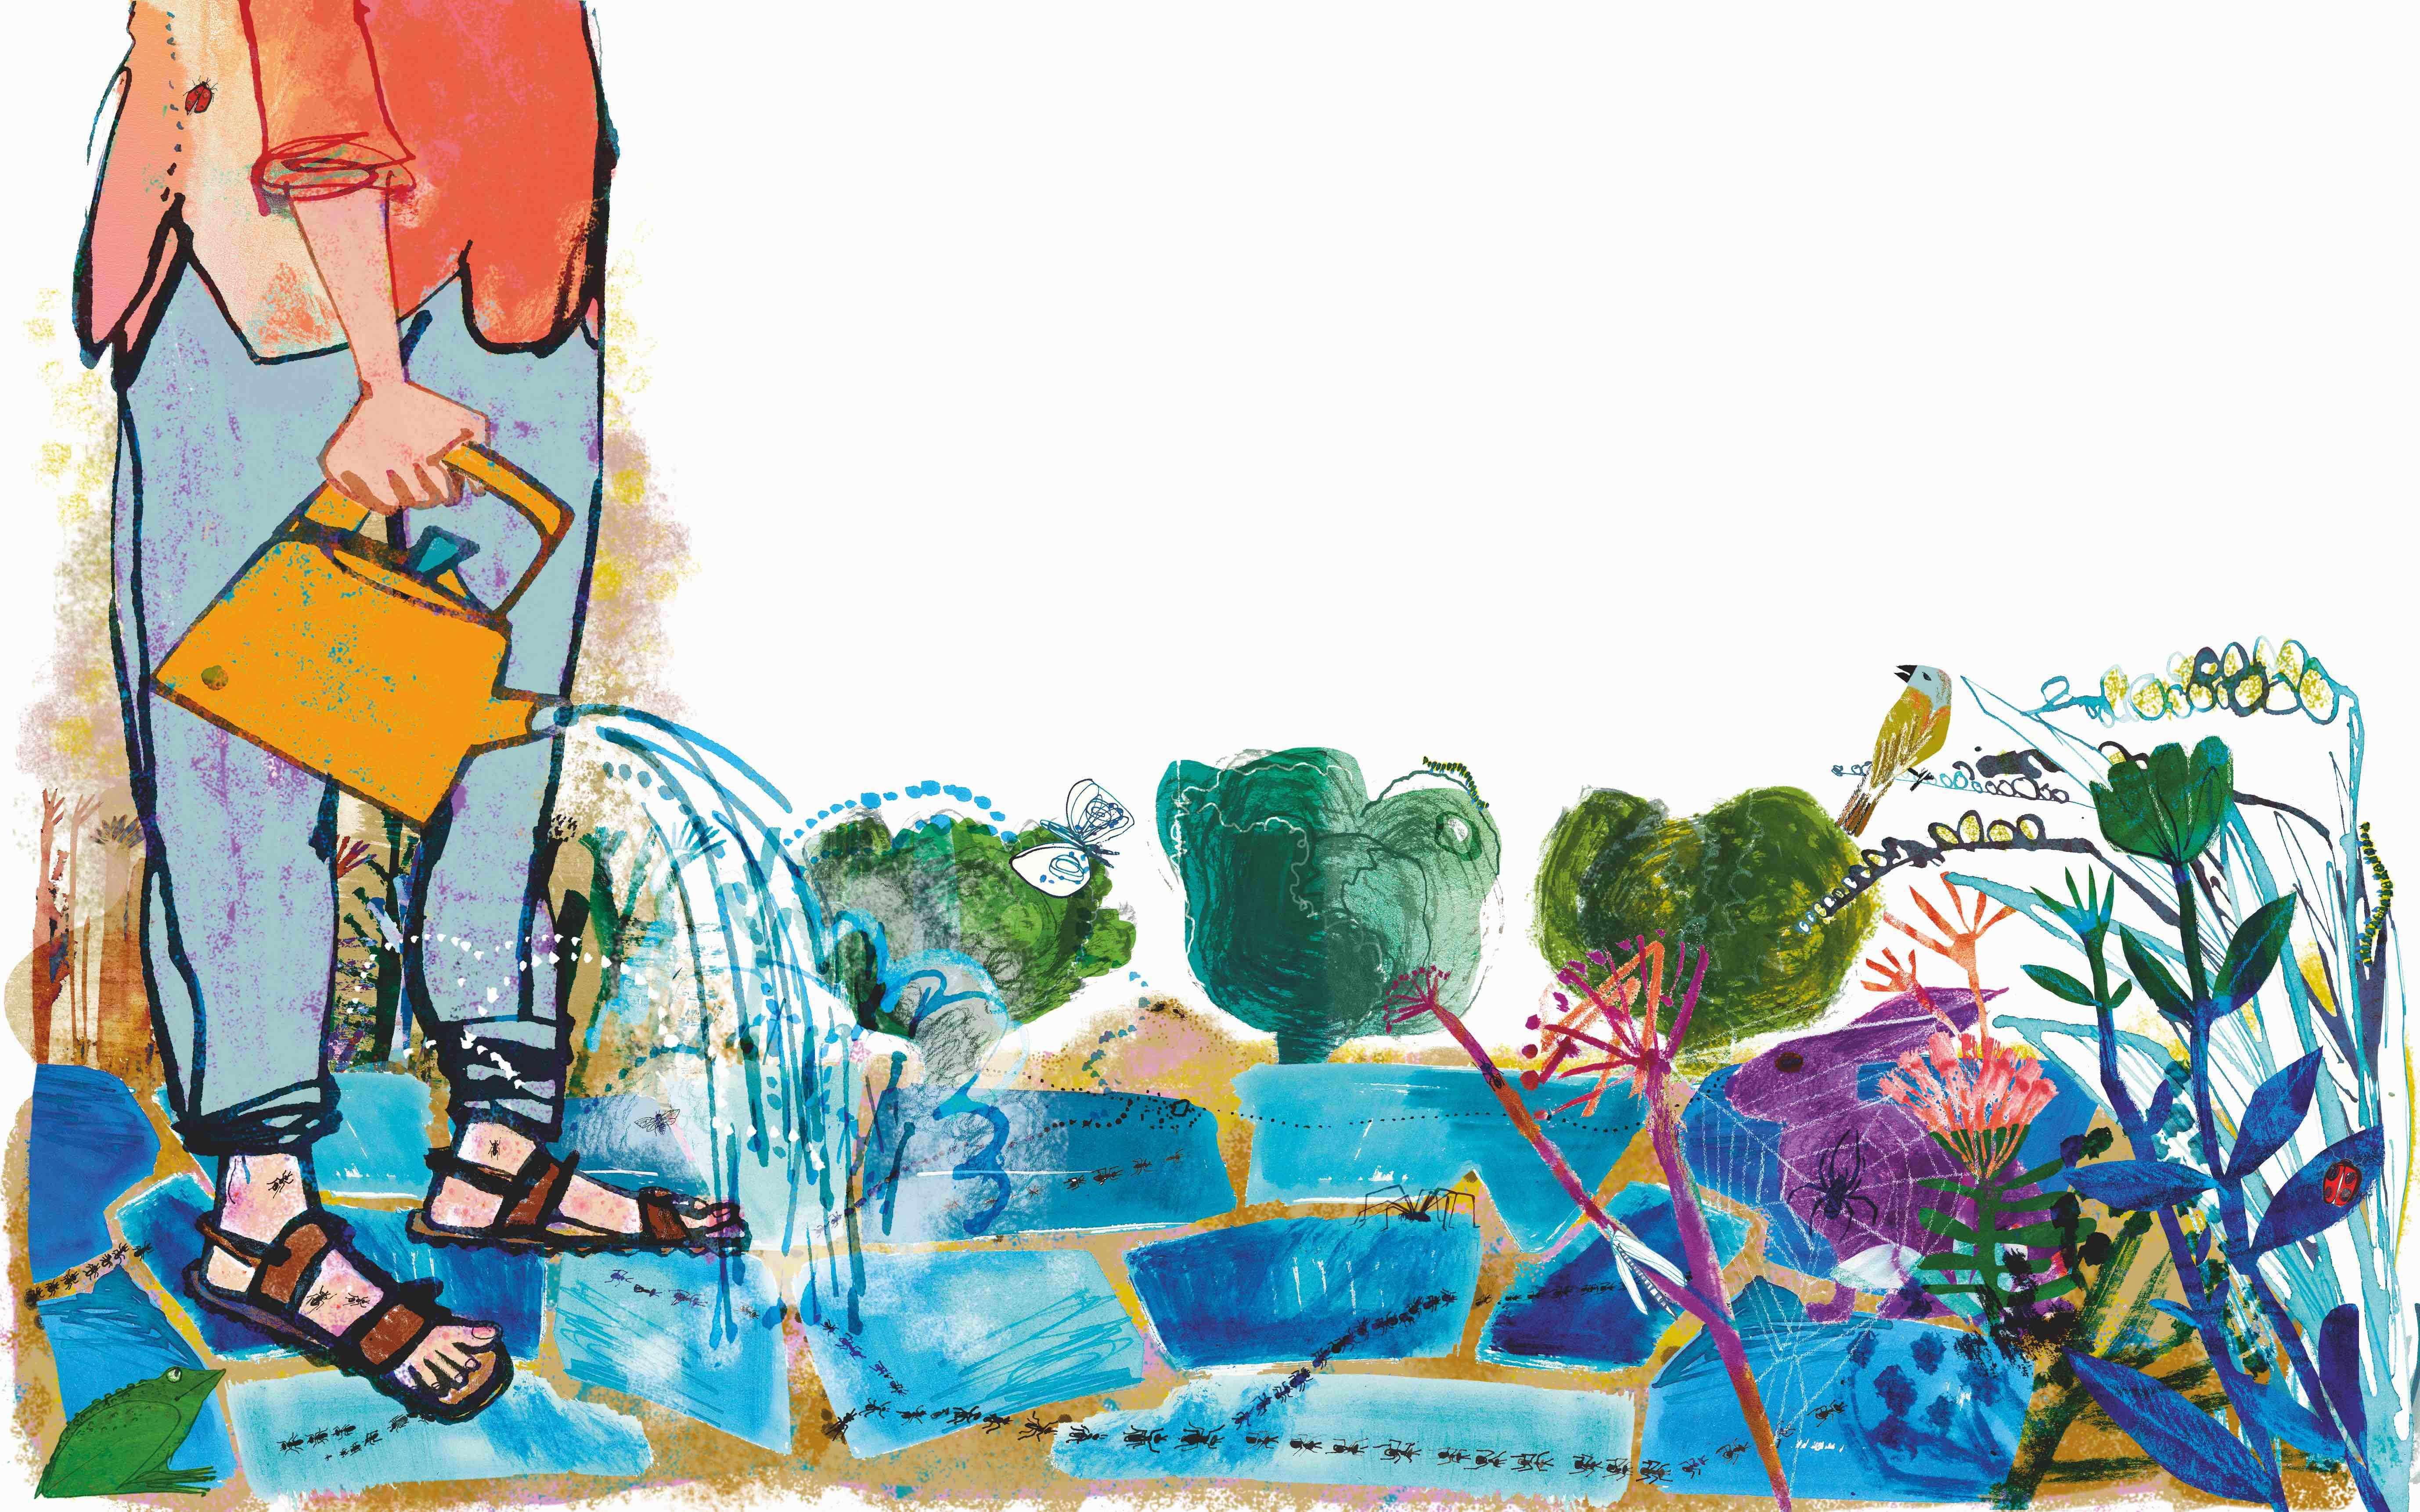 Illustration by Jill Calder/Central Illustration